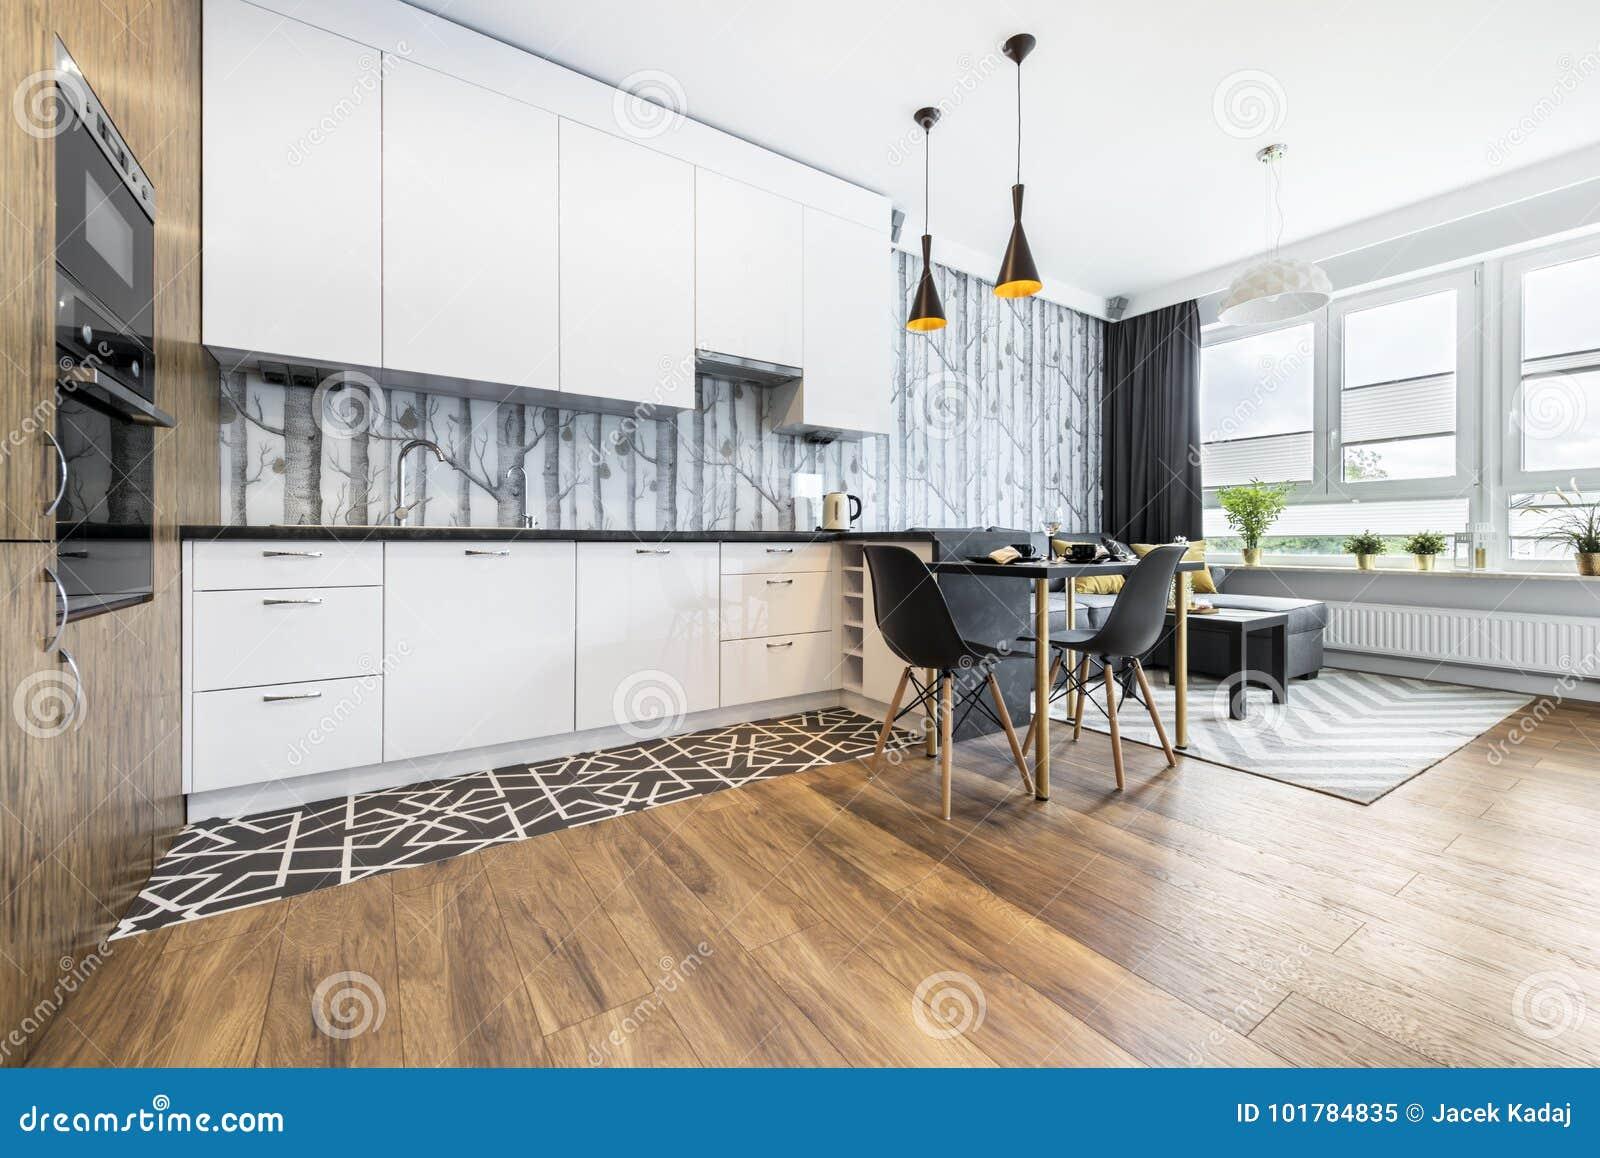 Moderner Kleiner Raum Mit Küche Stockbild - Bild von lampe, eleganz ...